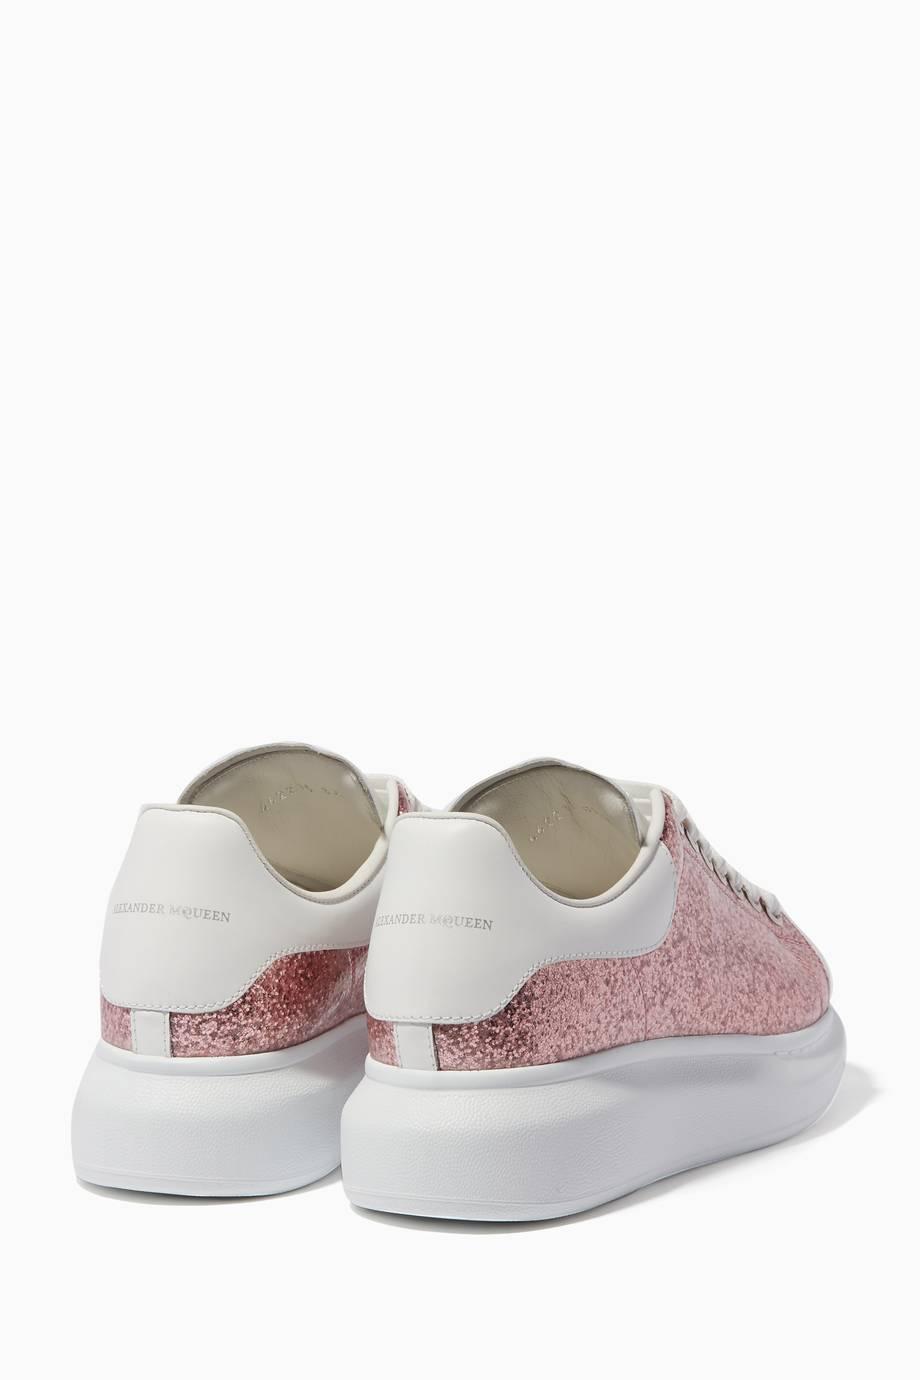 Shop Luxury Alexander Mcqueen Pink Glitter Platform